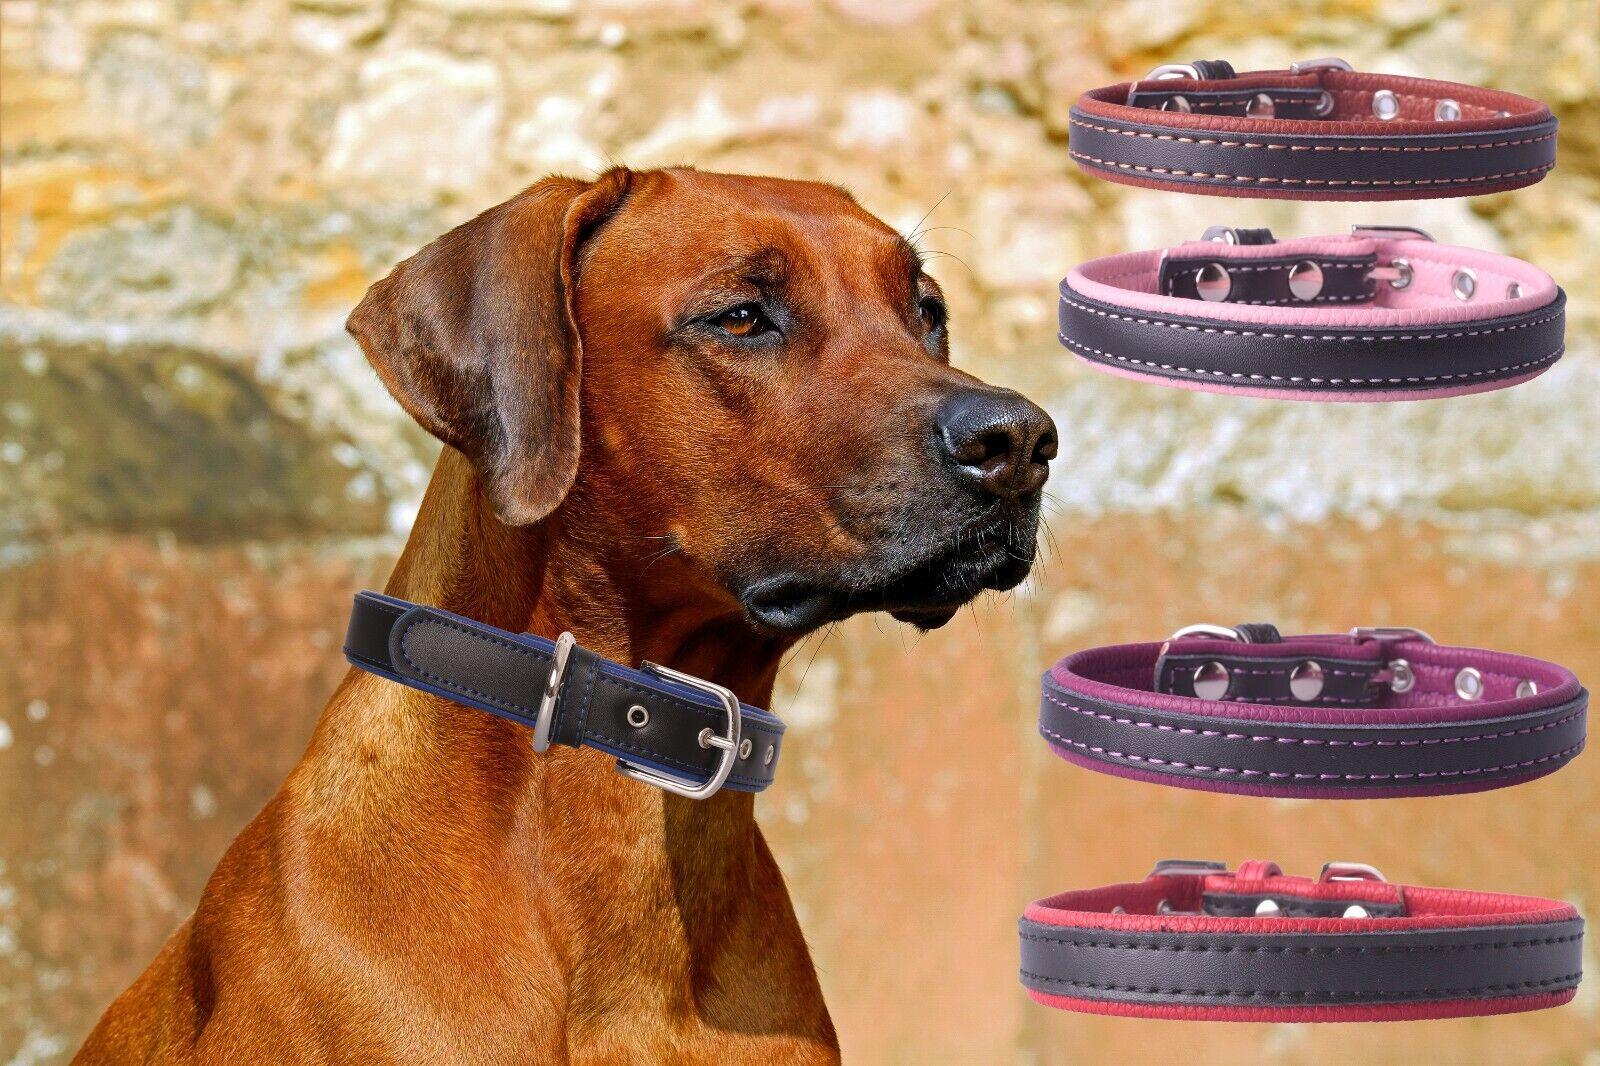 Hundehalsband Hund Lederhalsband Hundeband alle Hundegrößen Doppel Farbe